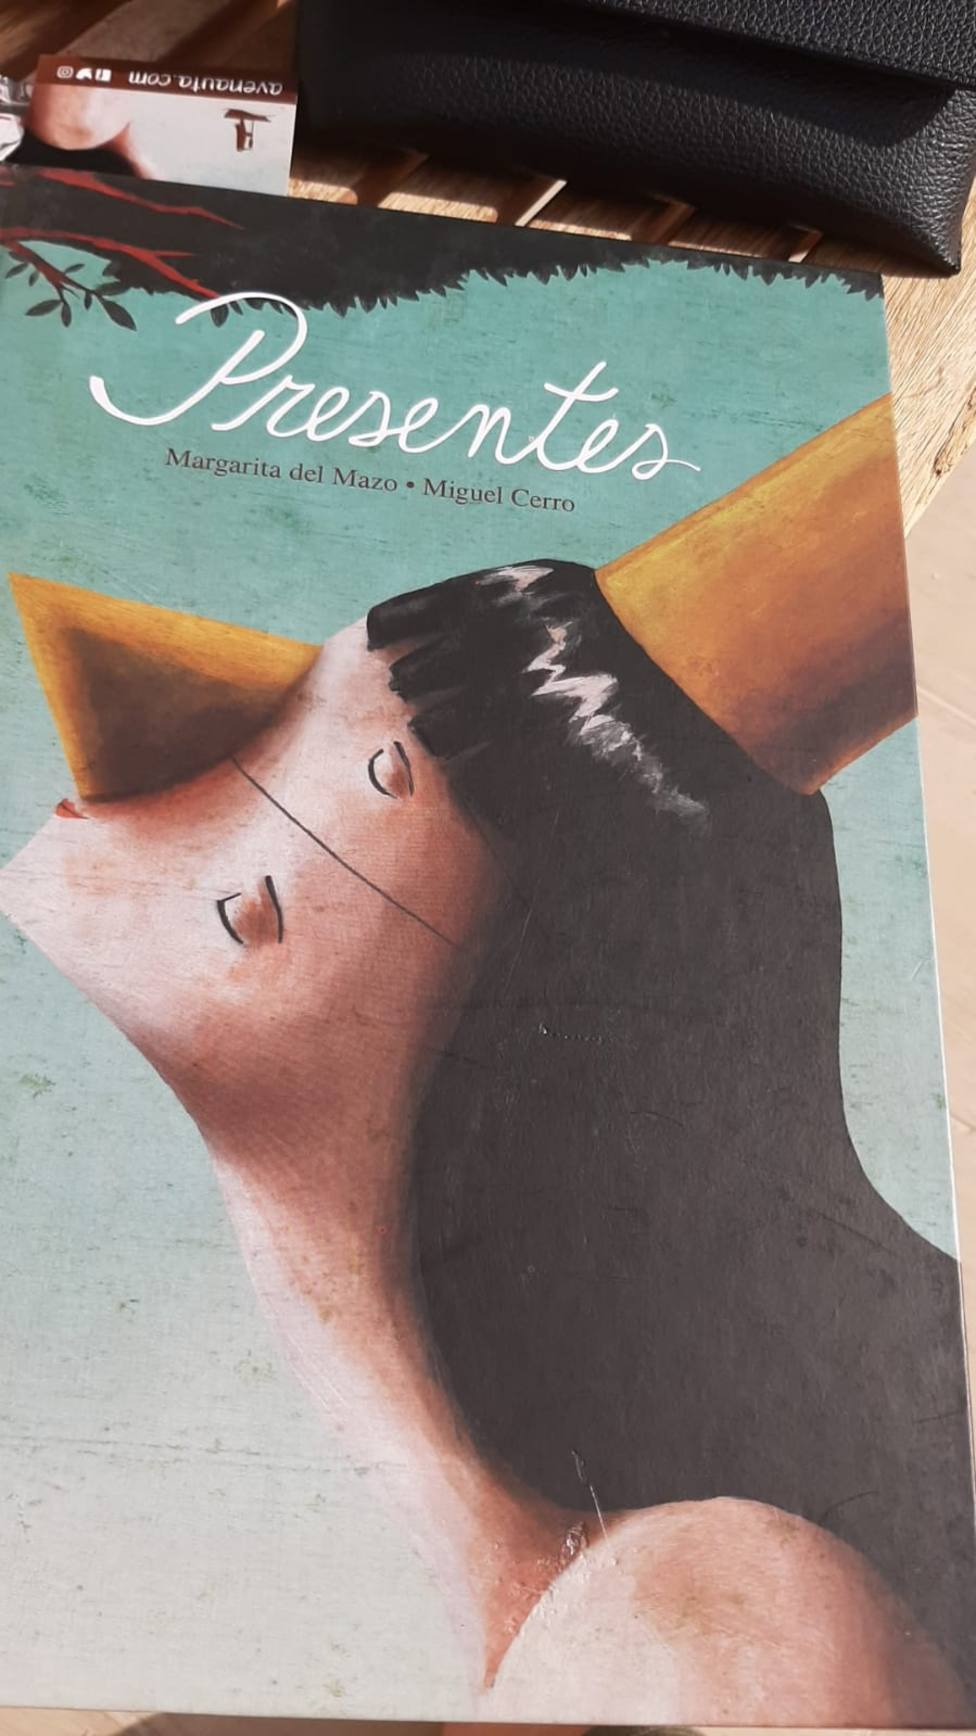 Presentes de Margarita del Mazo, ilustrado por Miguel Cerro